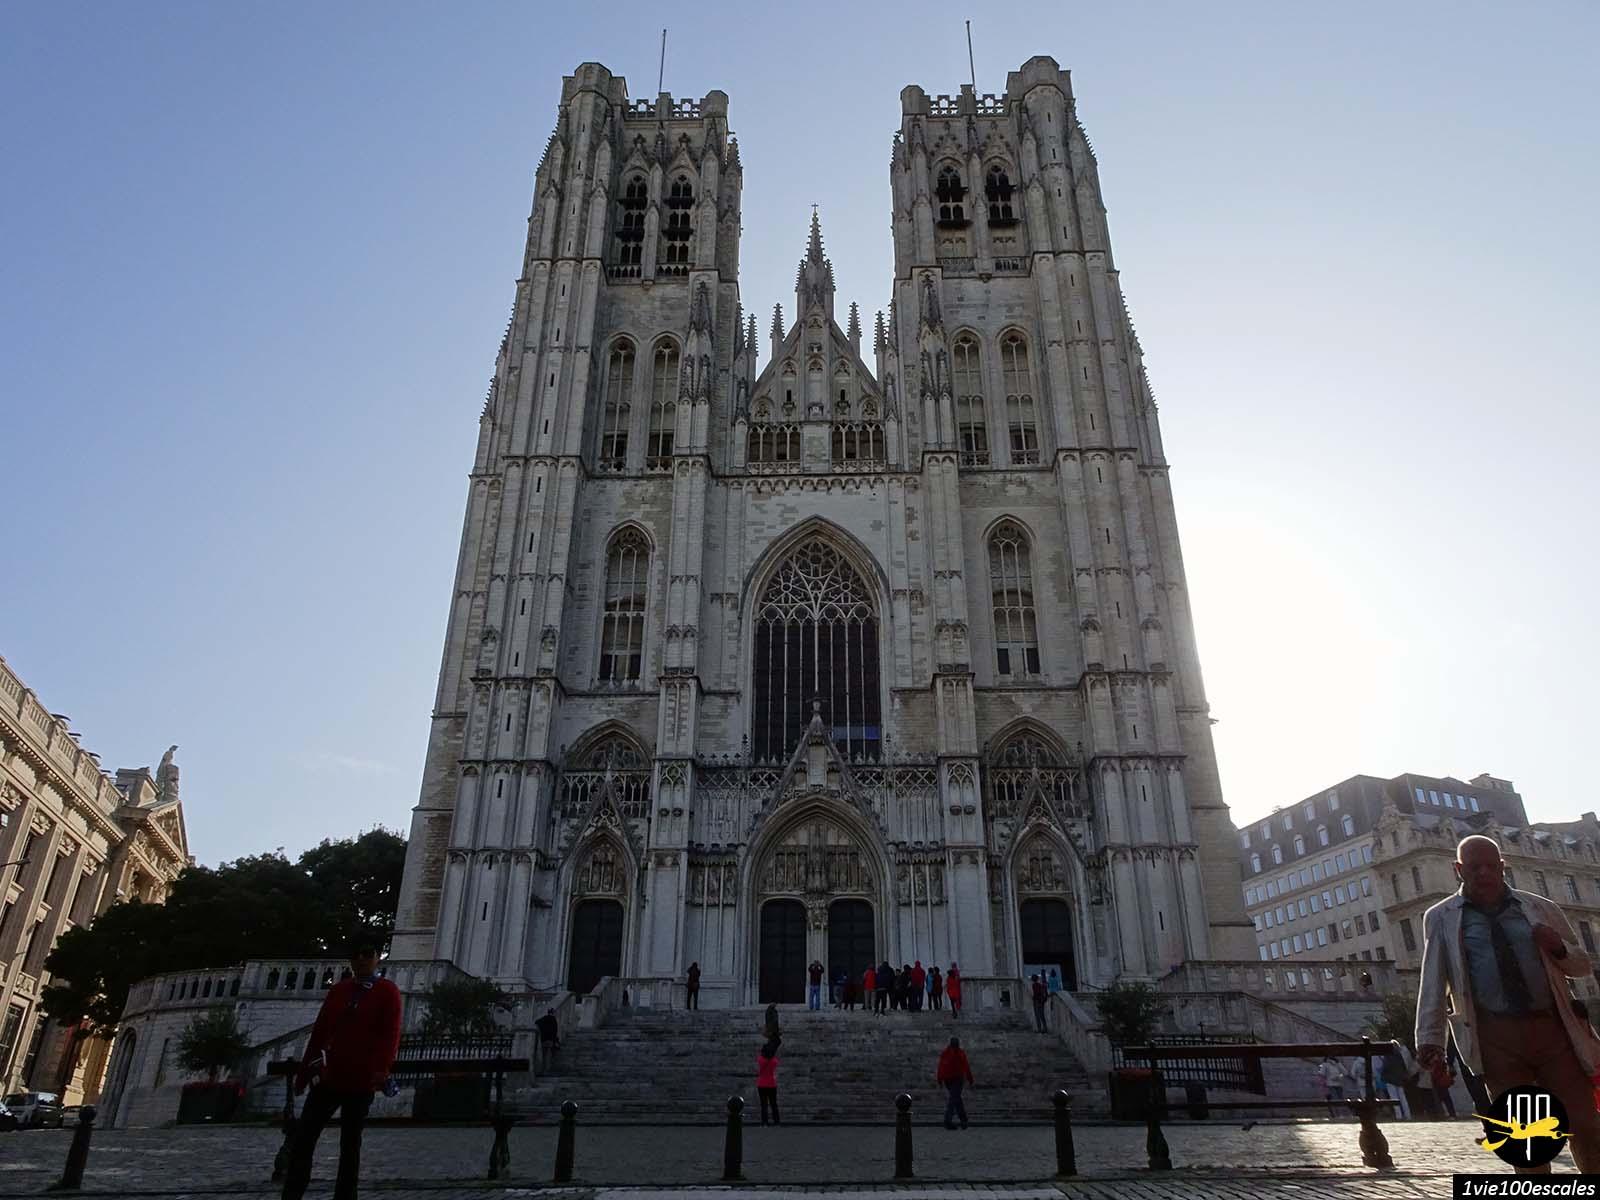 L'impressionnante Cathédrale Saints-Michel-et-Gudule de Bruxelles